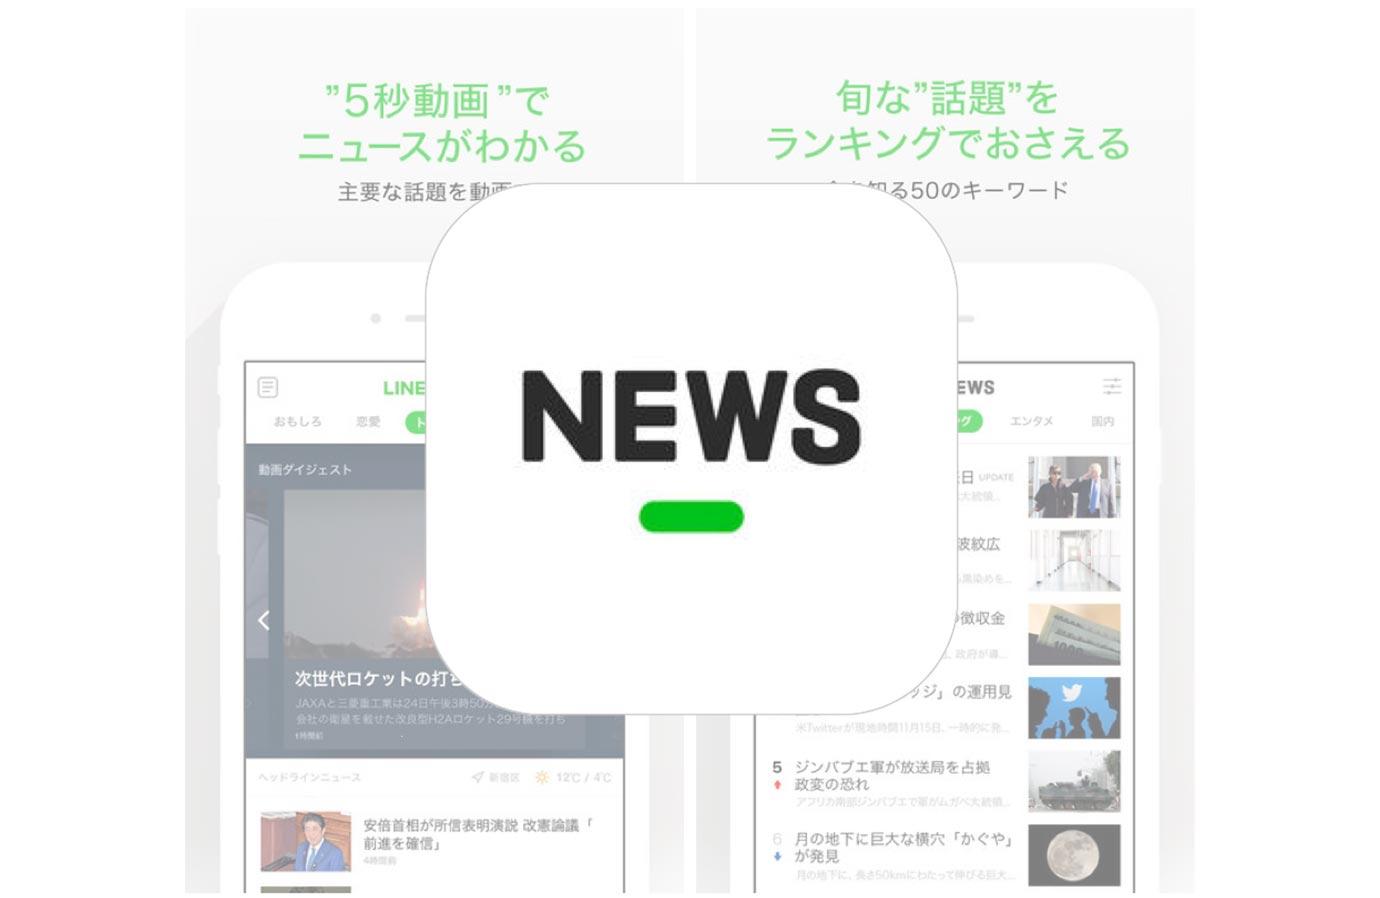 iOSアプリ「LINE NEWS」がアップデートで「iPhone X」のディスプレイサイズに対応